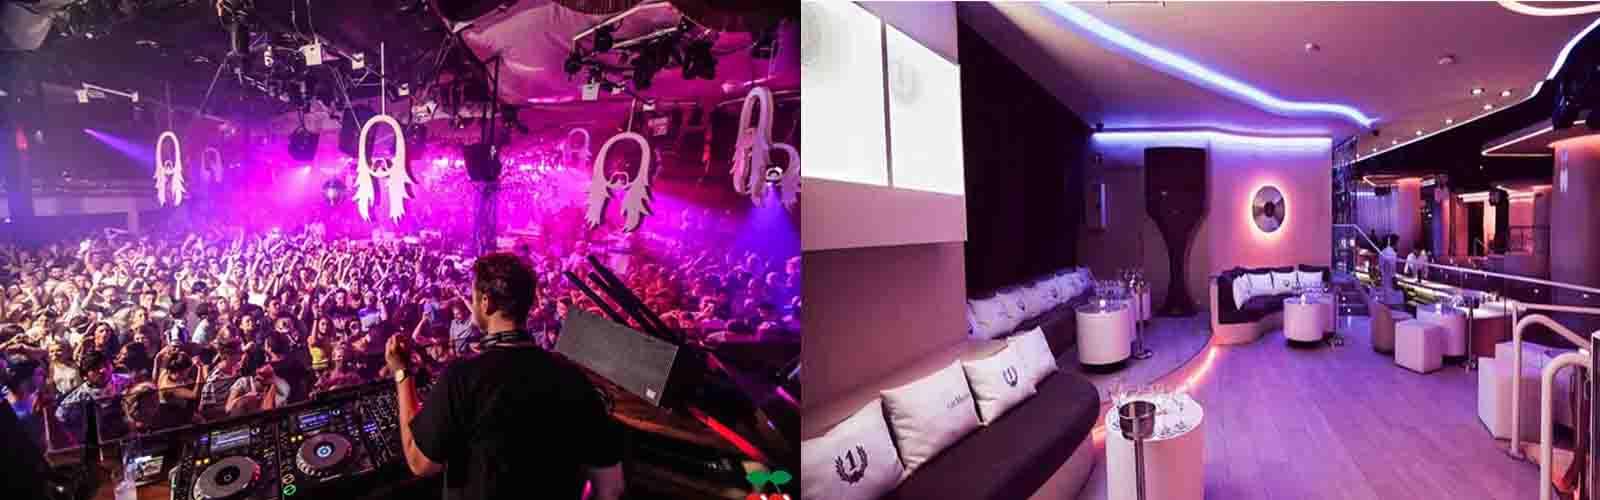 Nachtclub Pacha en van de beroemdste nachtclubs ter wereld